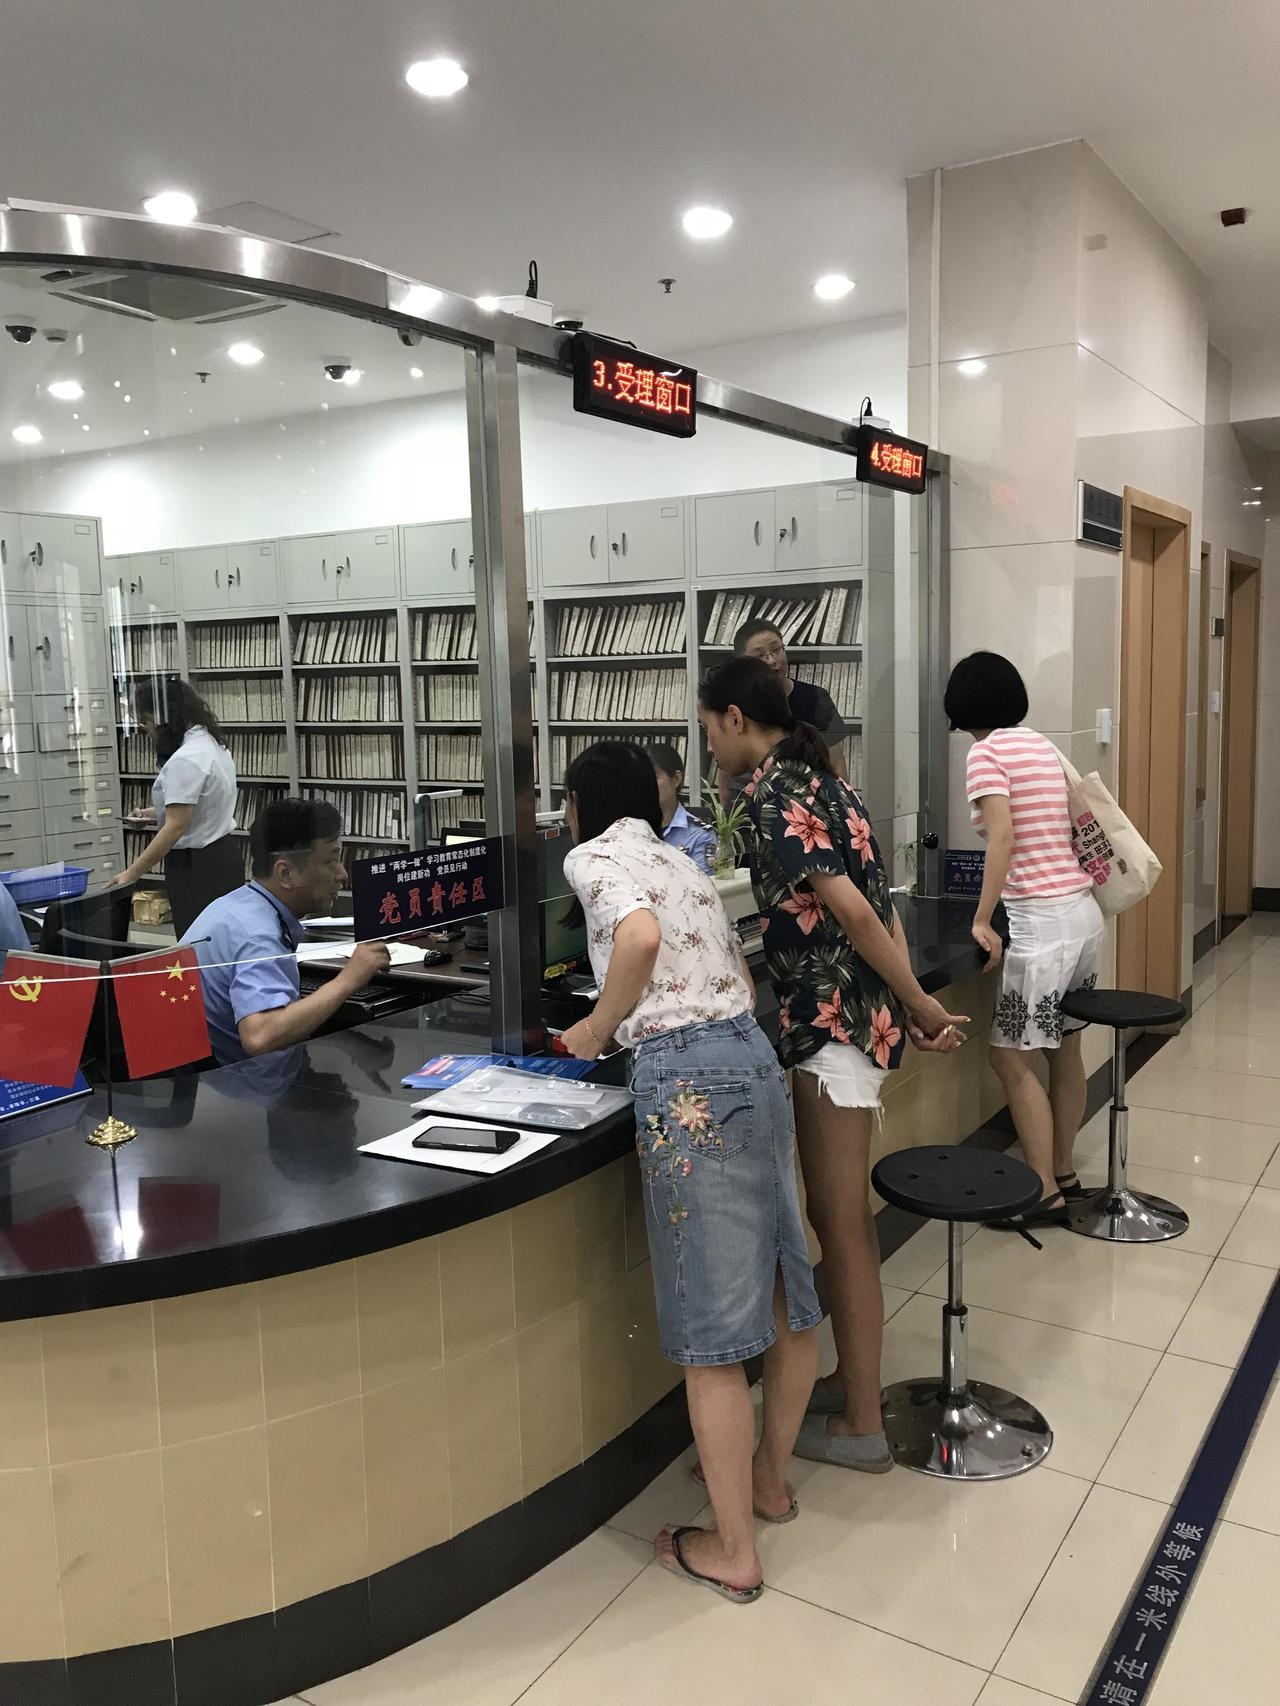 上午不少台灣人赴各指定派出所申辦大陸居住證。記者陳言喬/攝影